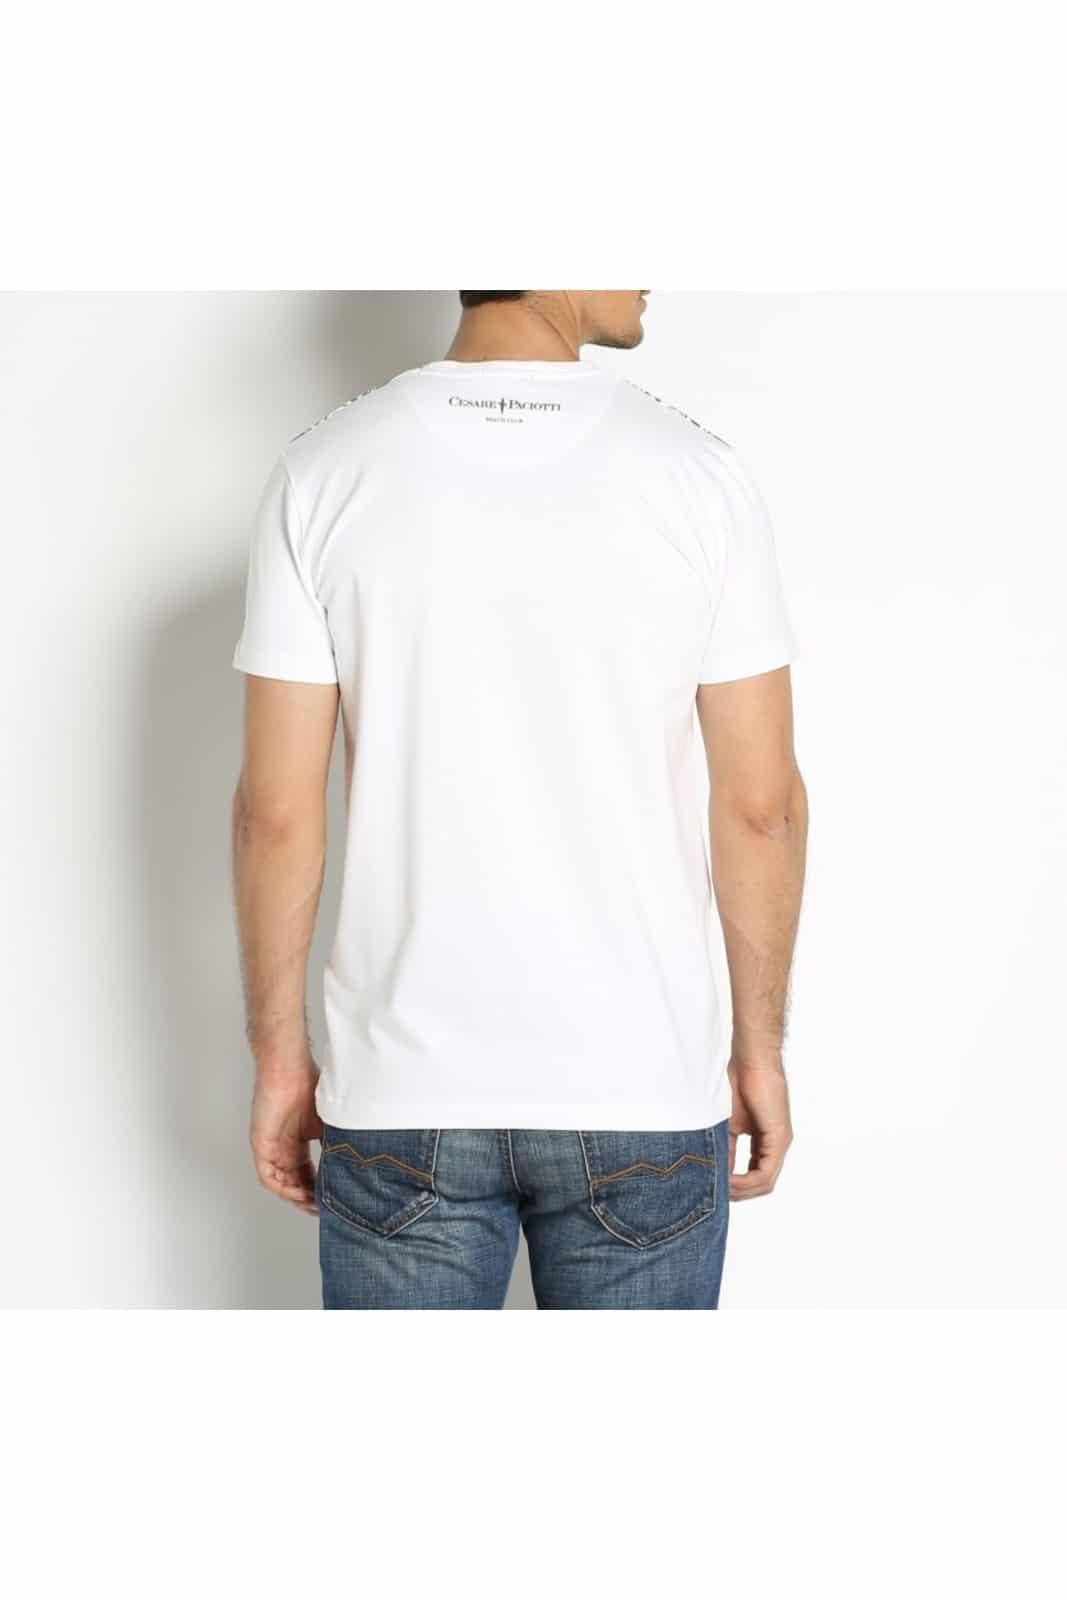 e8b60f92 ... Cesare Paciotti T-Shirts for men Return to Previous Page. lightbox ·  lightbox · lightbox · lightbox